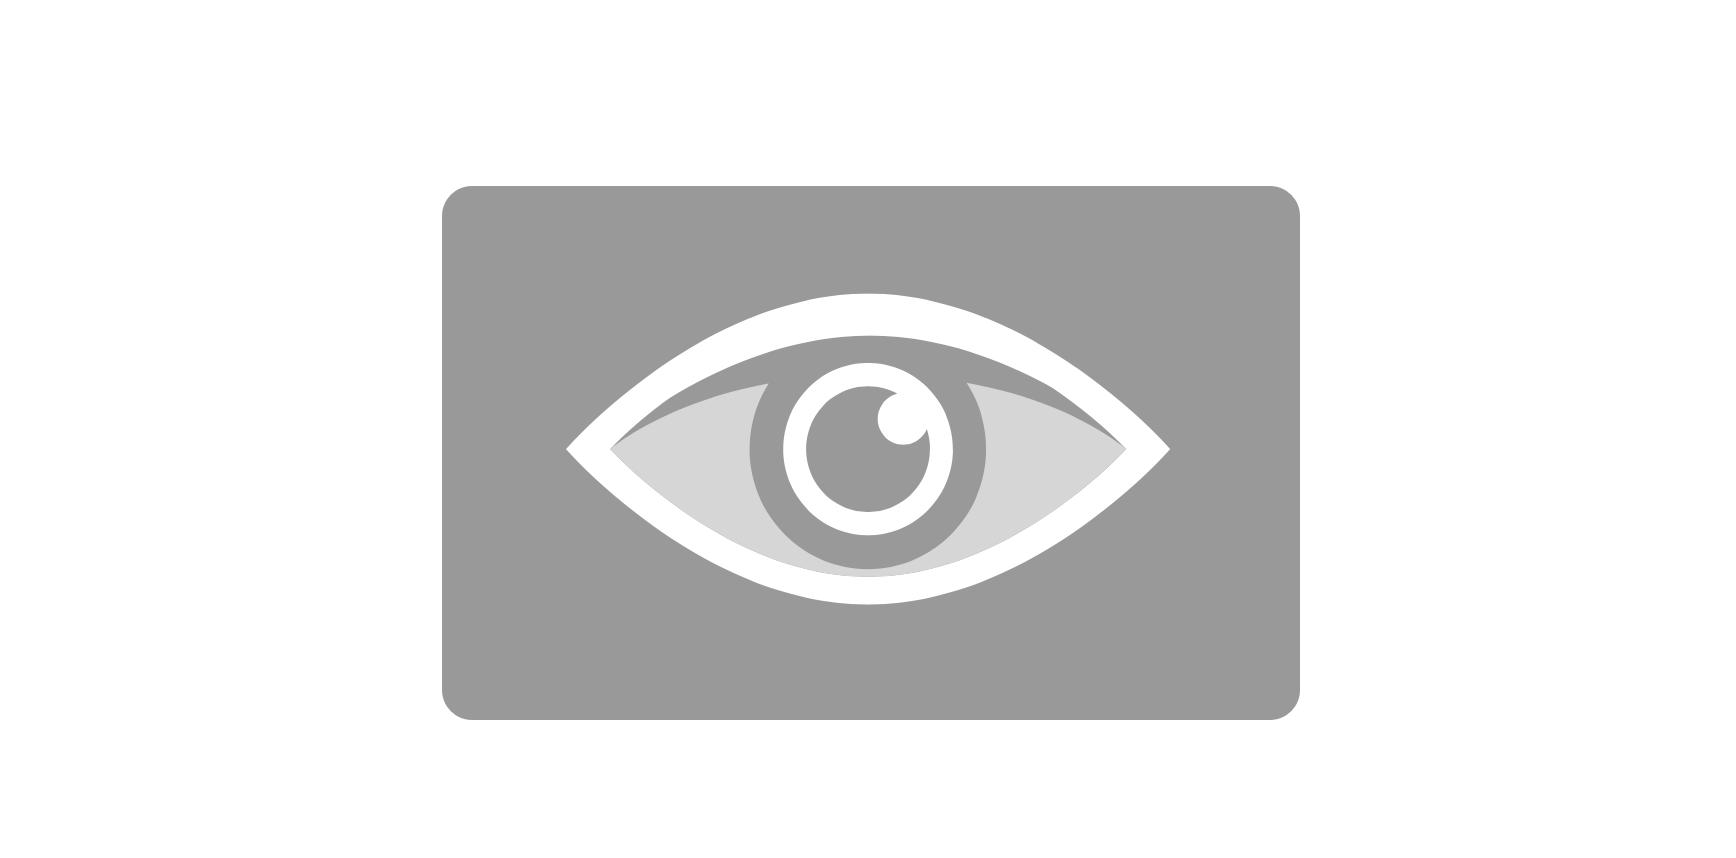 【目を守れ】Macで眼精疲労・疲れ目をを軽減・対策する設定方法!!